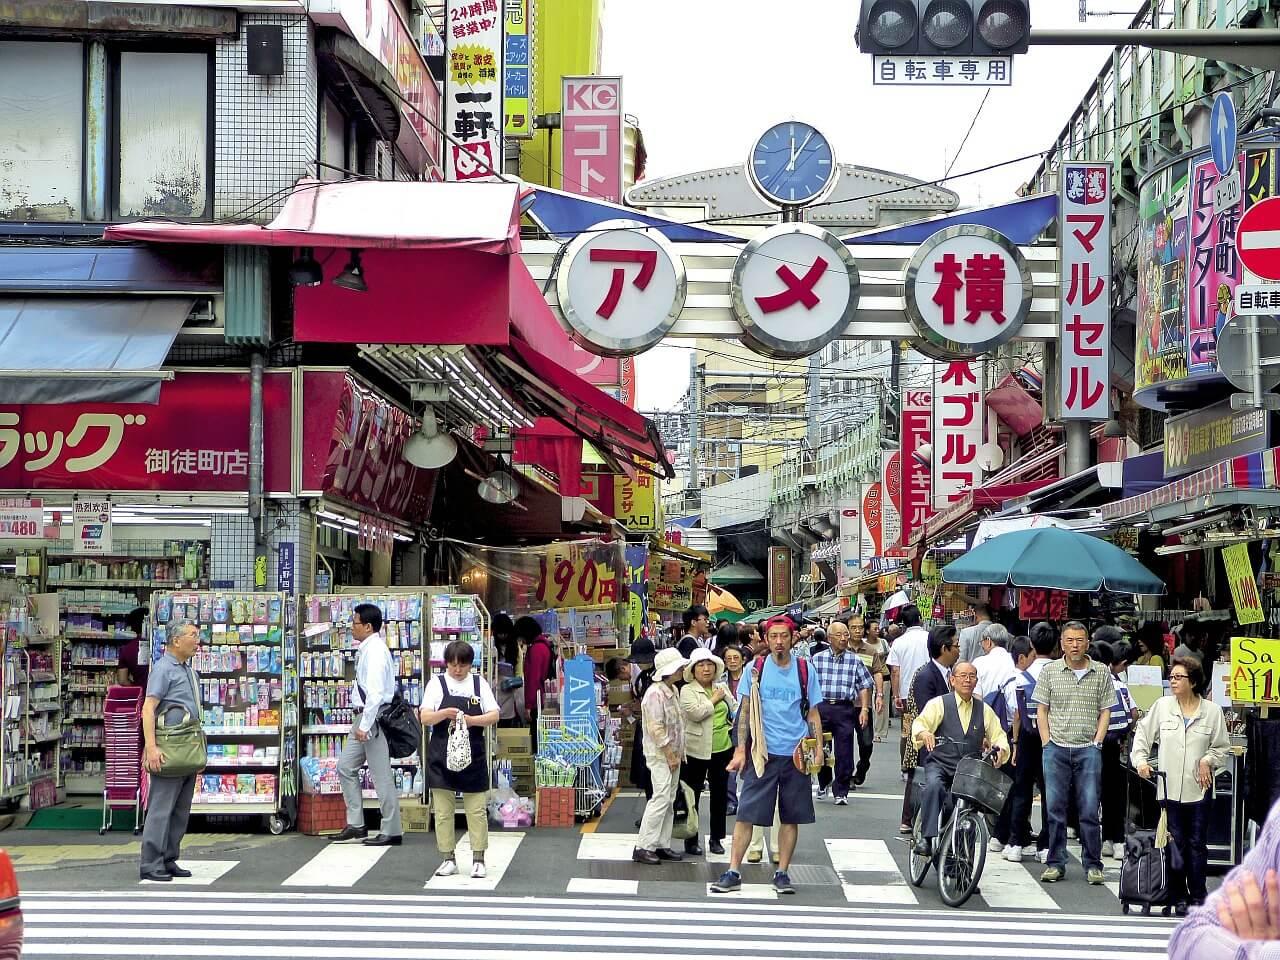 期間工がタクシー会社に転職して初めての3連休!東京中を遊び回りたい秋葉原から上野7話目